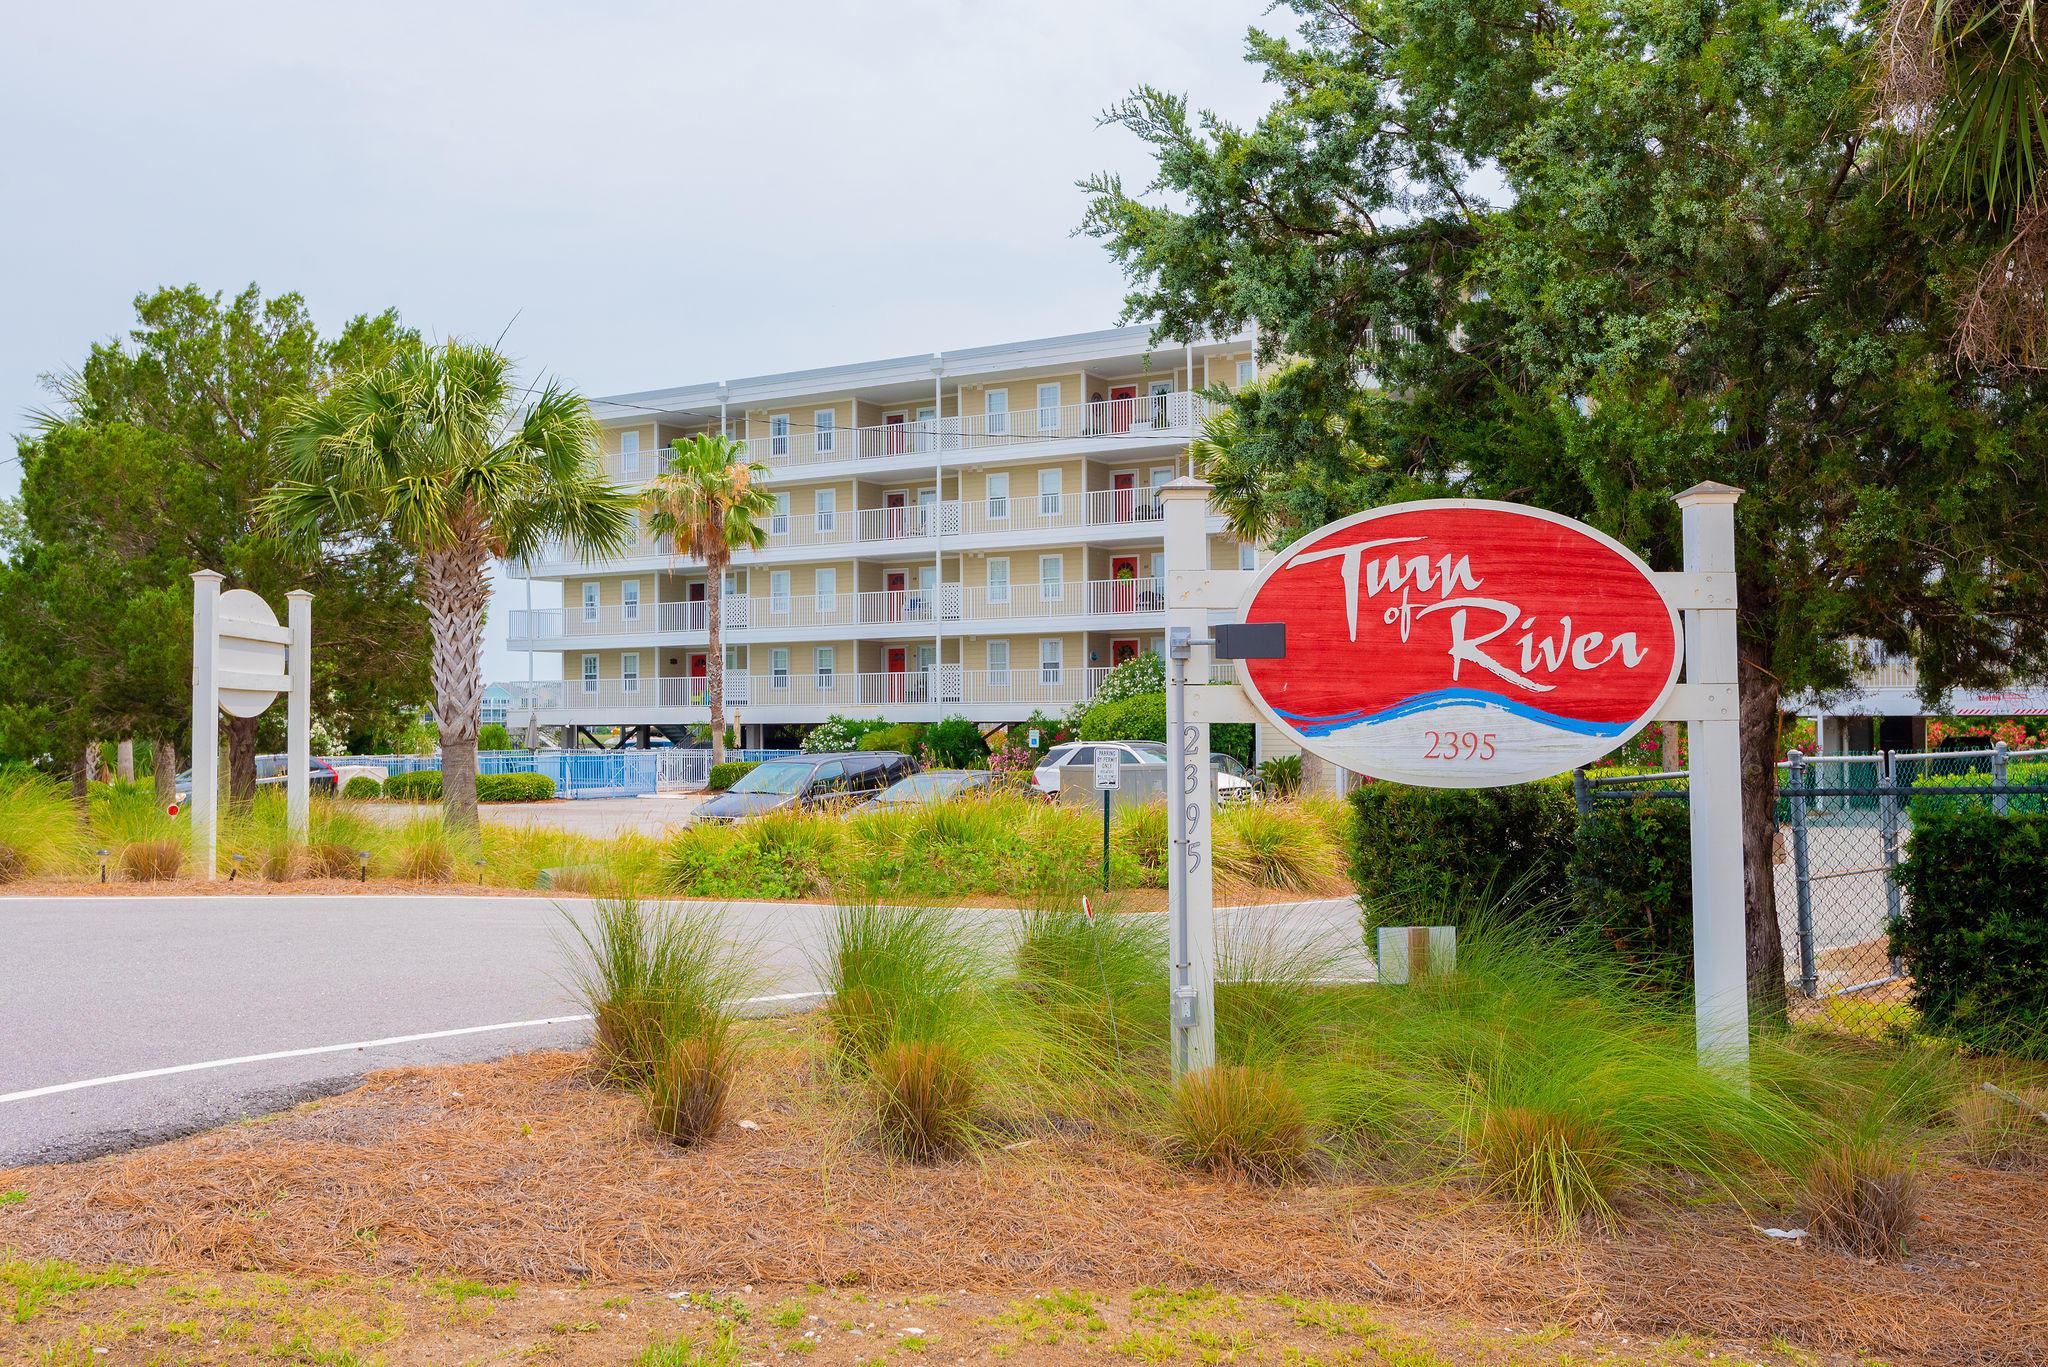 2395 Folly Road Folly Beach, SC 29439